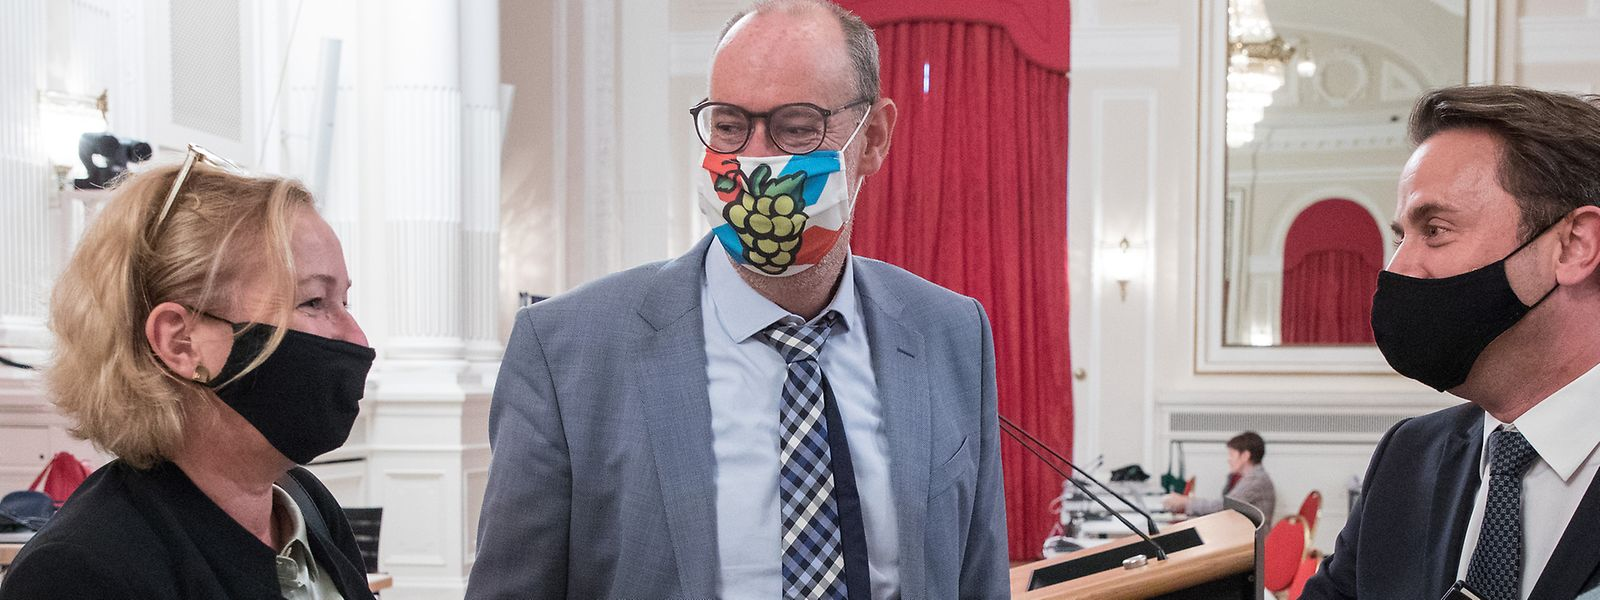 Chef de fraction DP, Gilles Baum (au centre) aura tenté de convaincre ses collègues députés d'adopter les nouveaux dispositifs dès ce mercredi. En vain.